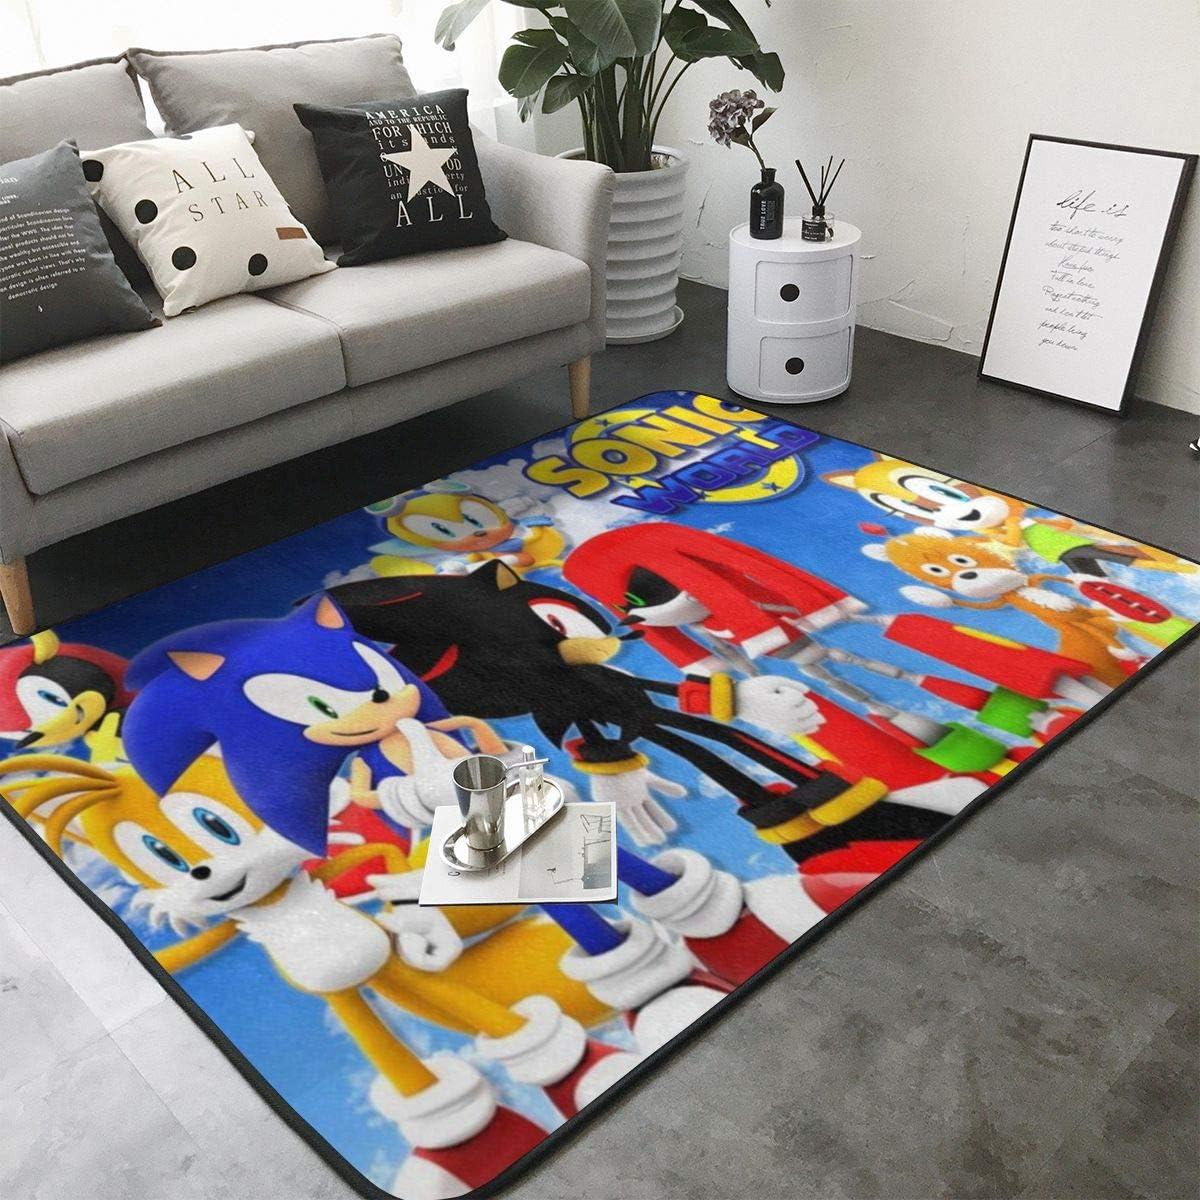 So-nic The Hed-gehog 1 Home Decoration Large Rug Floor Carpet Yoga Mat, Modern Area Rug for Children Kid Playroom Bedroom 36 x 24 inch